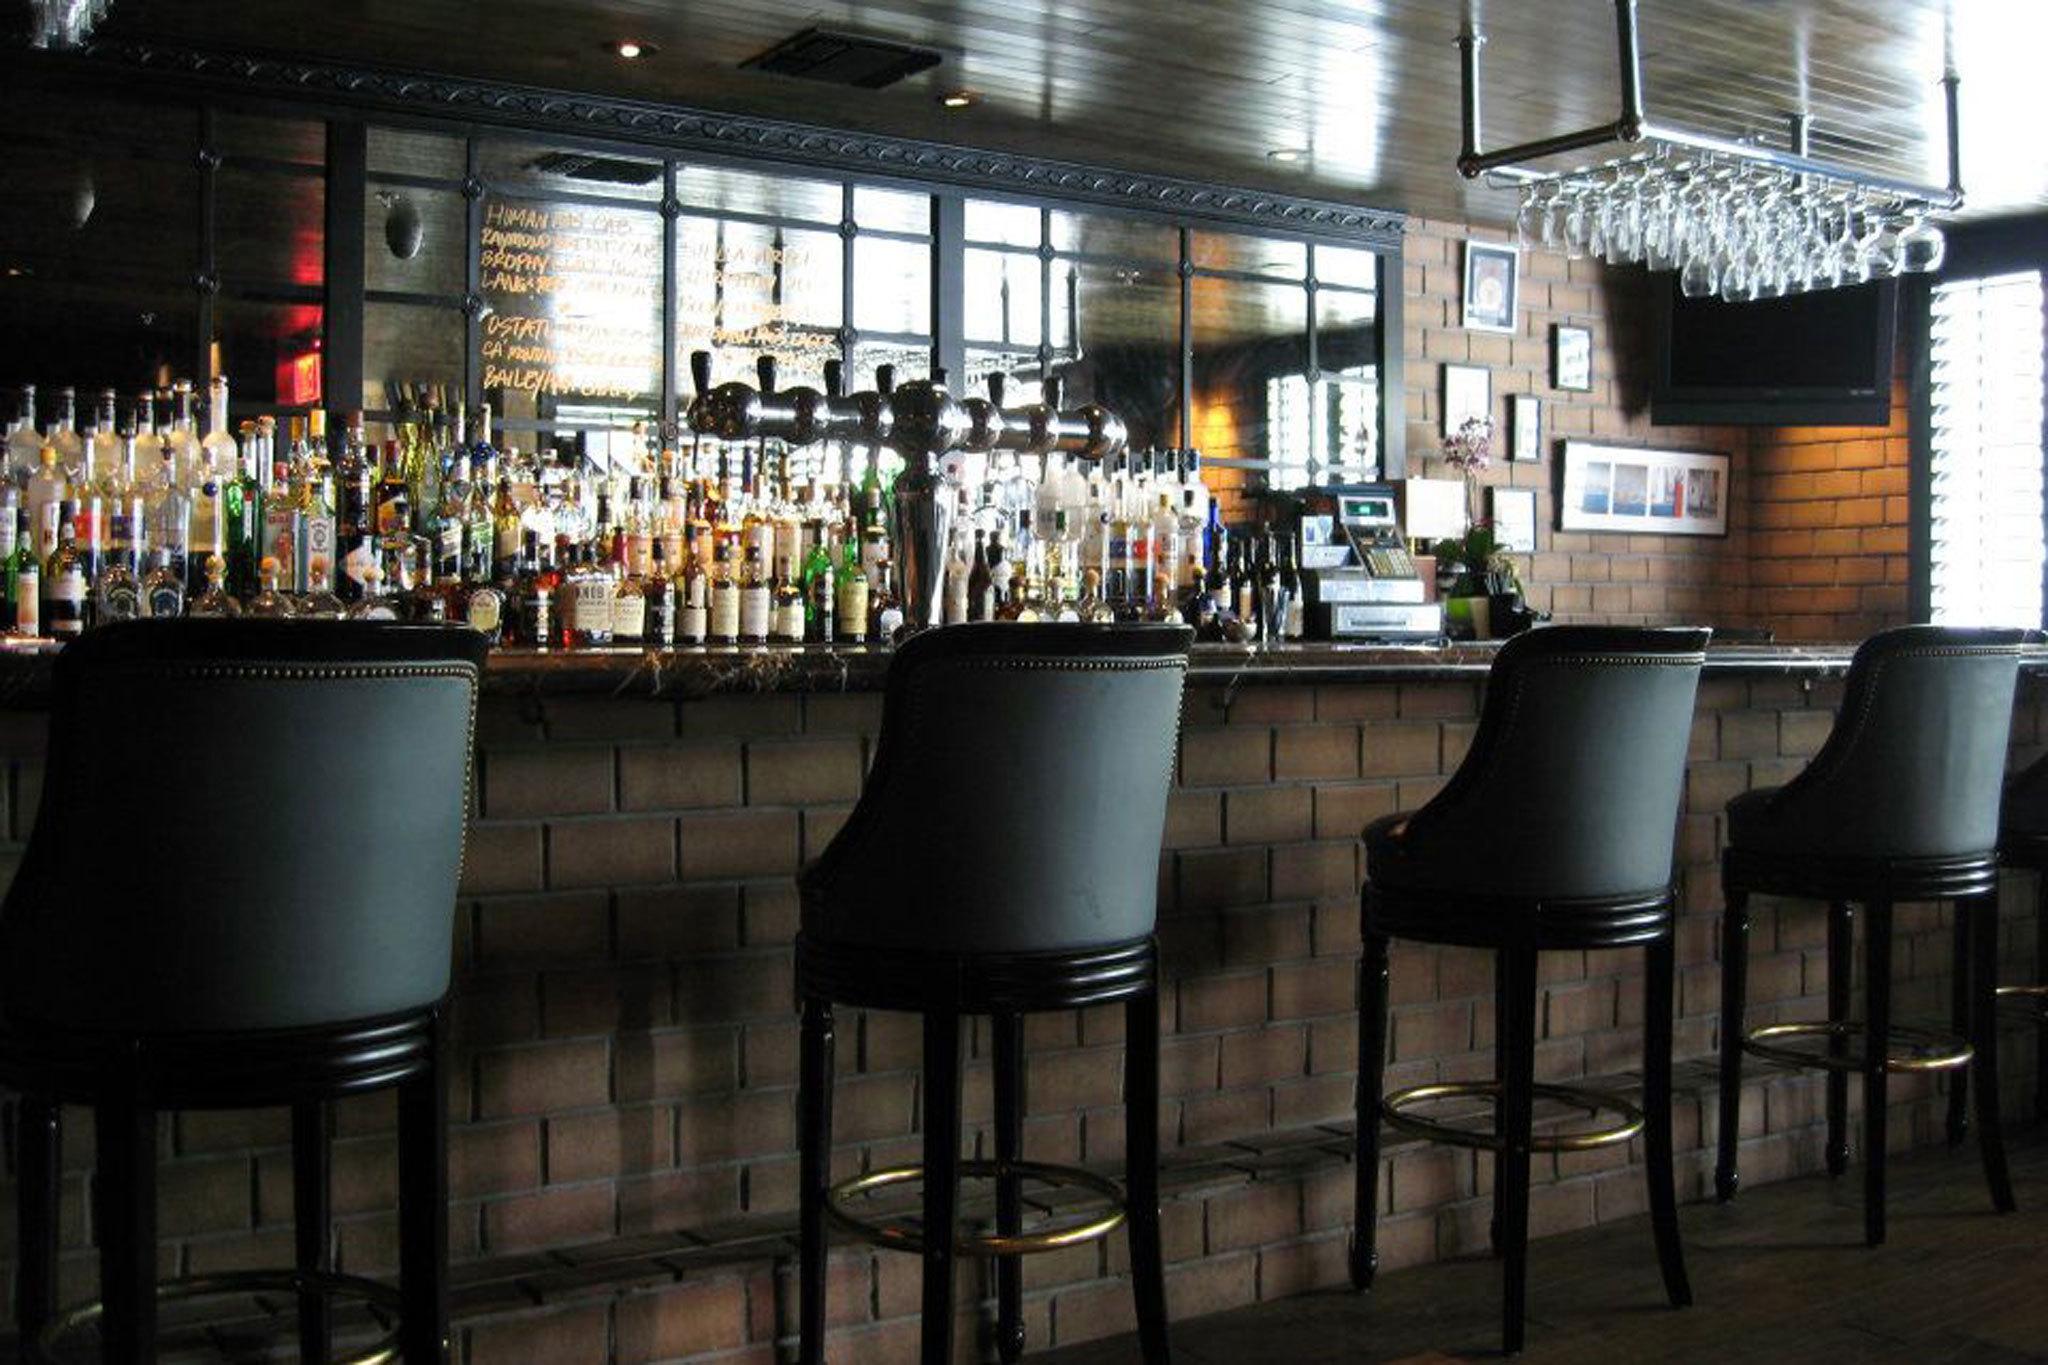 Library Bar in DTLA